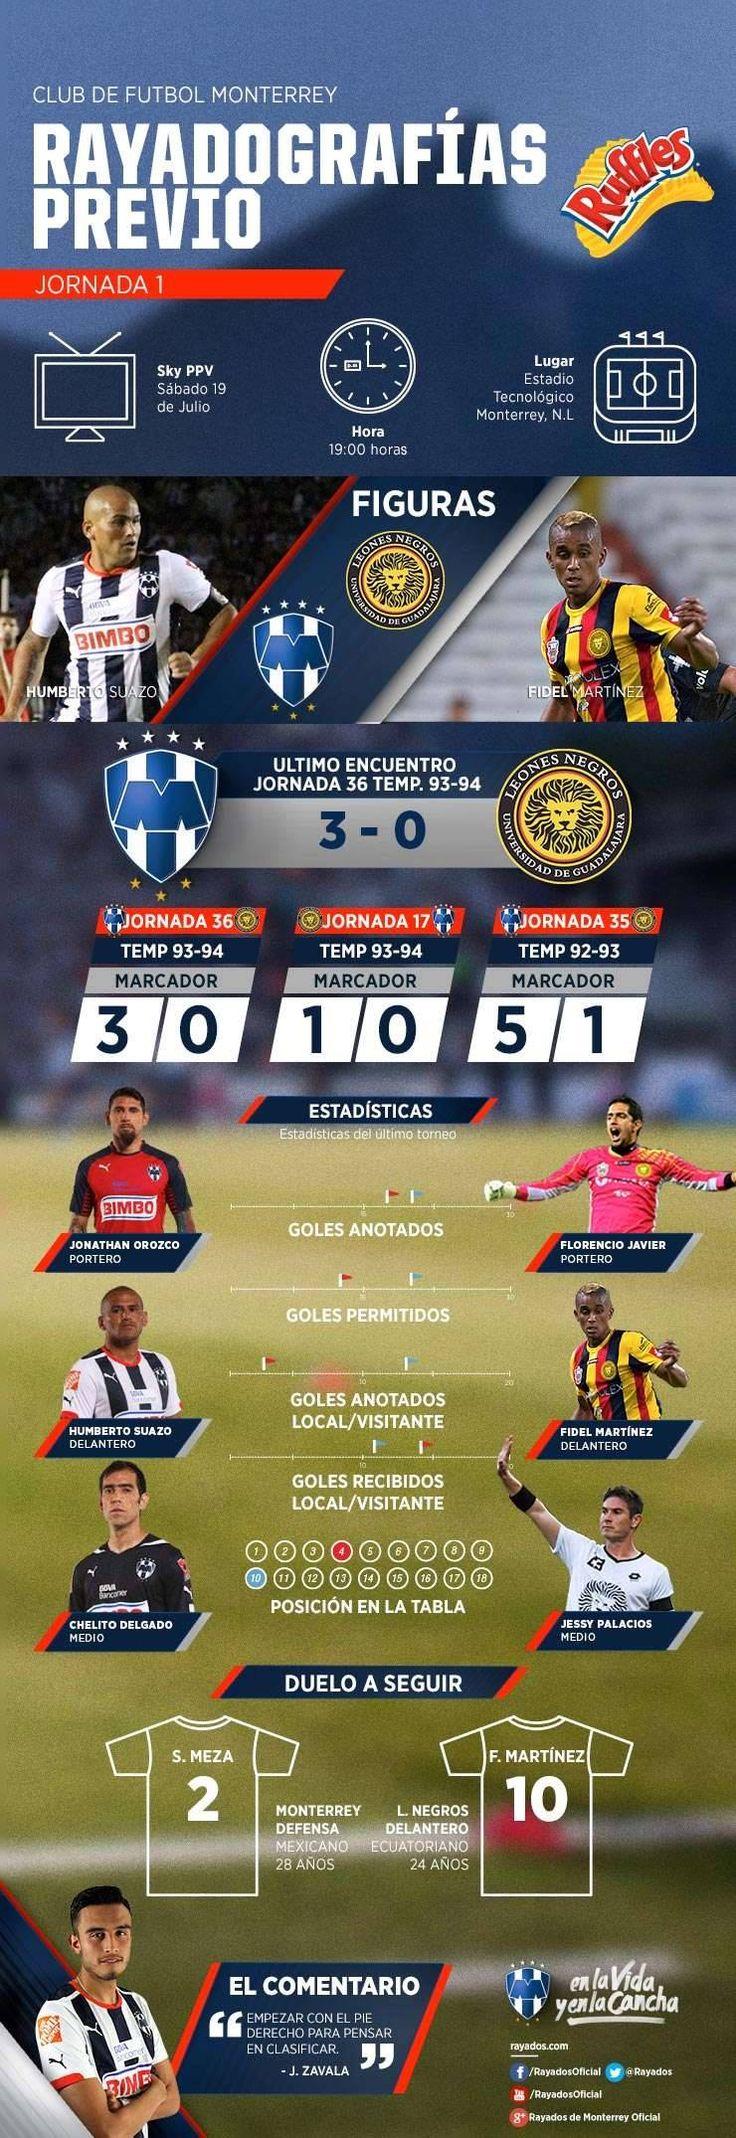 Conoce todos los detalles del partido de hoy de #Rayados vs. Leones Negros en la #Rayadografía presentada por Ruffles MX. ¡Con todo el corazón #VamosRayados!